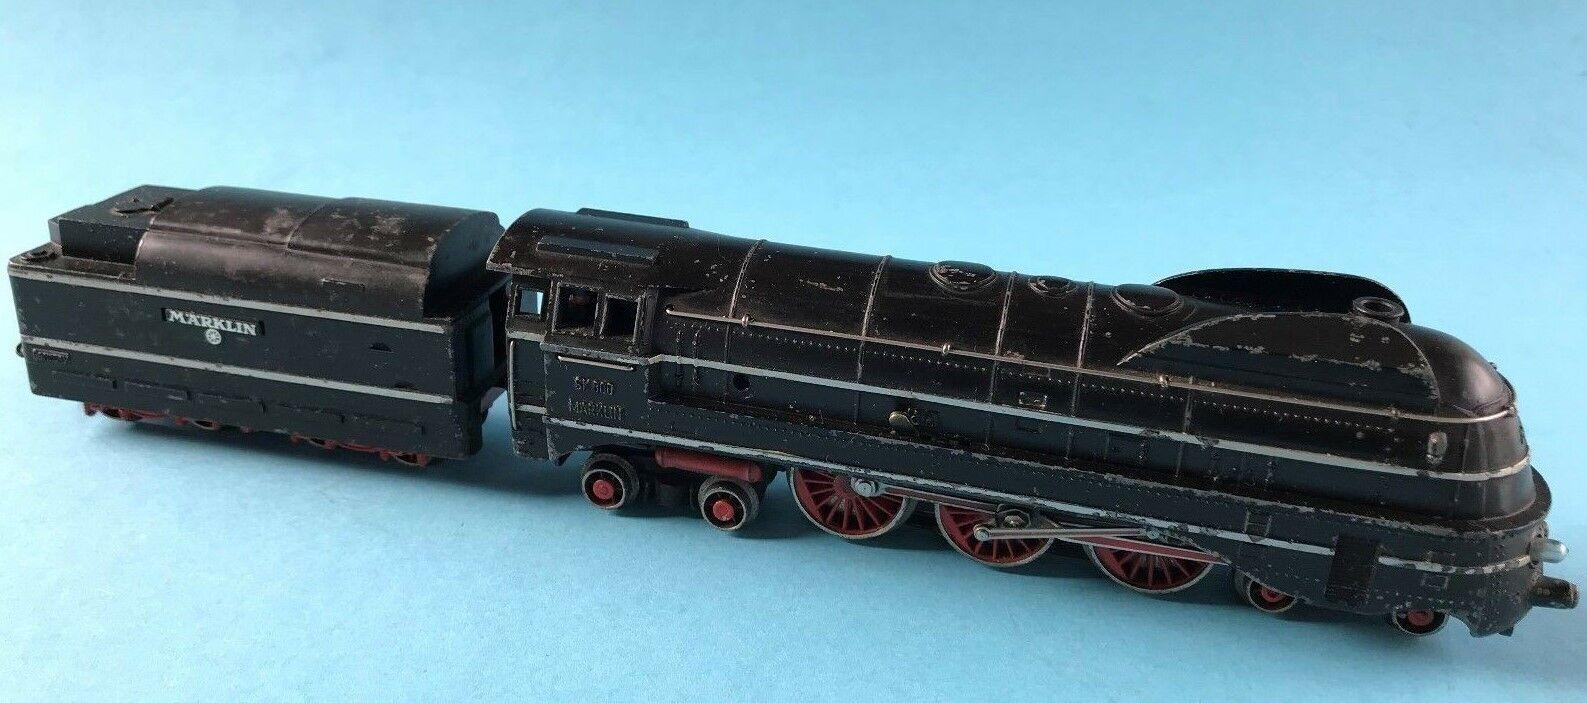 Märklin Lok mit Tender SK 800 Dampflokomotive Spur 00 H0 Model Eisenbahn 1950